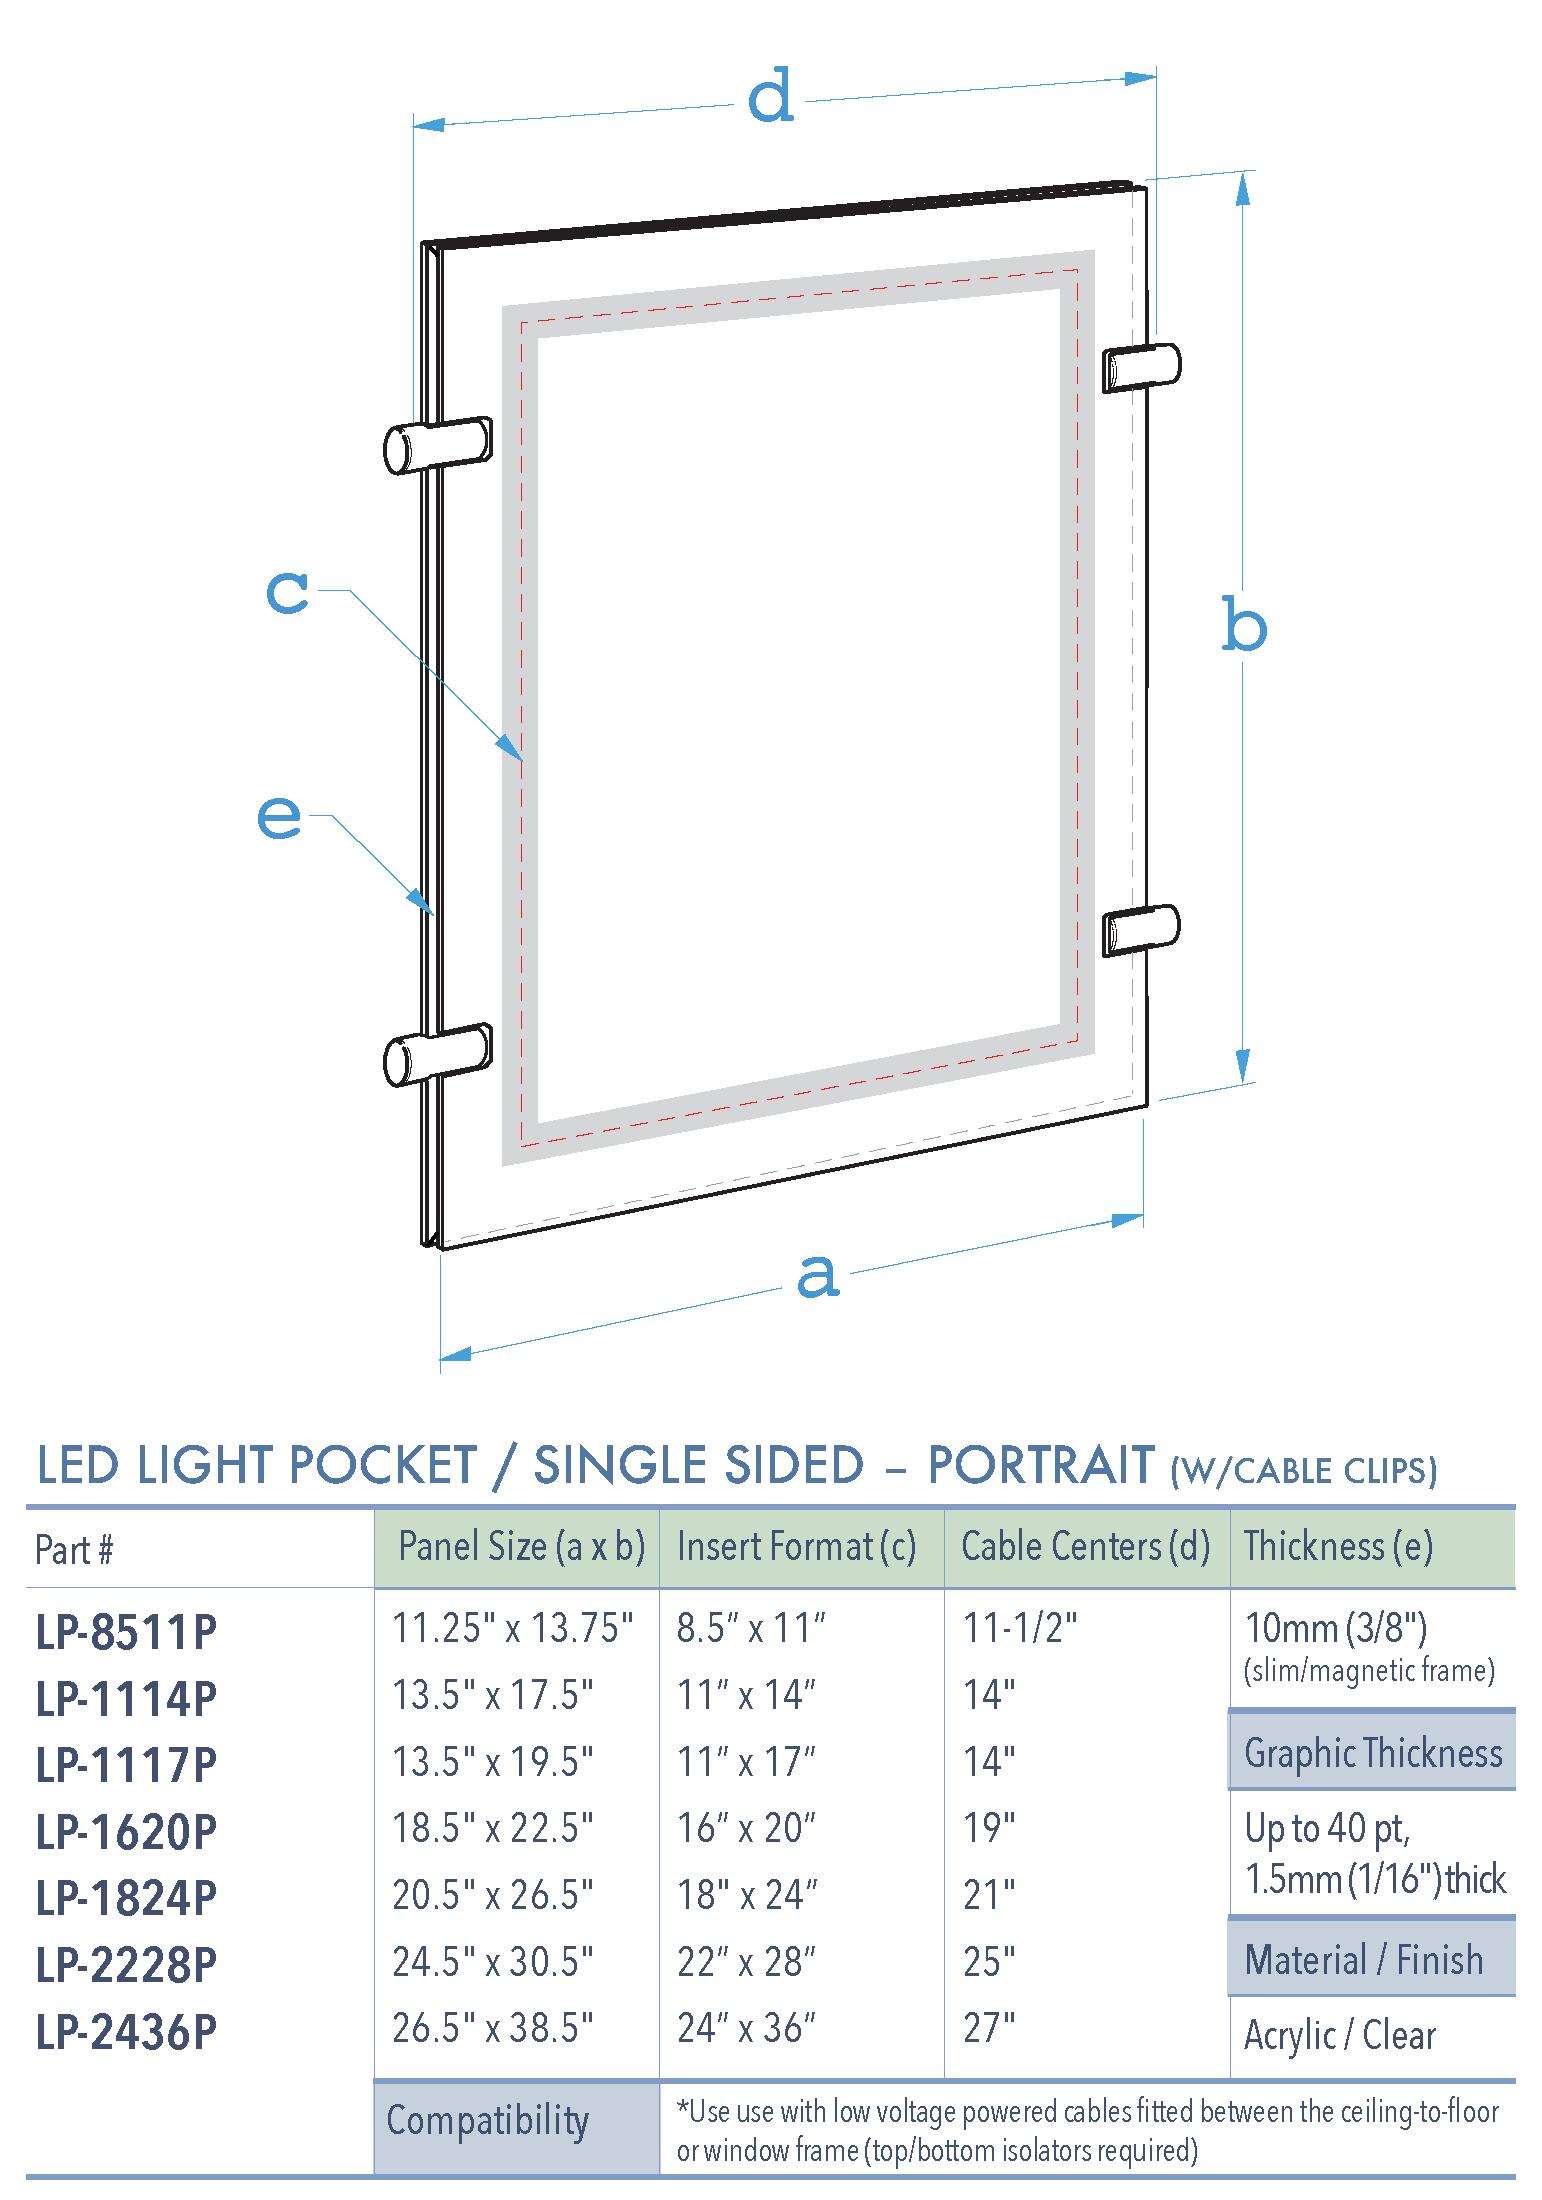 Specifications for LP-LED-POCKET-PRT-SG